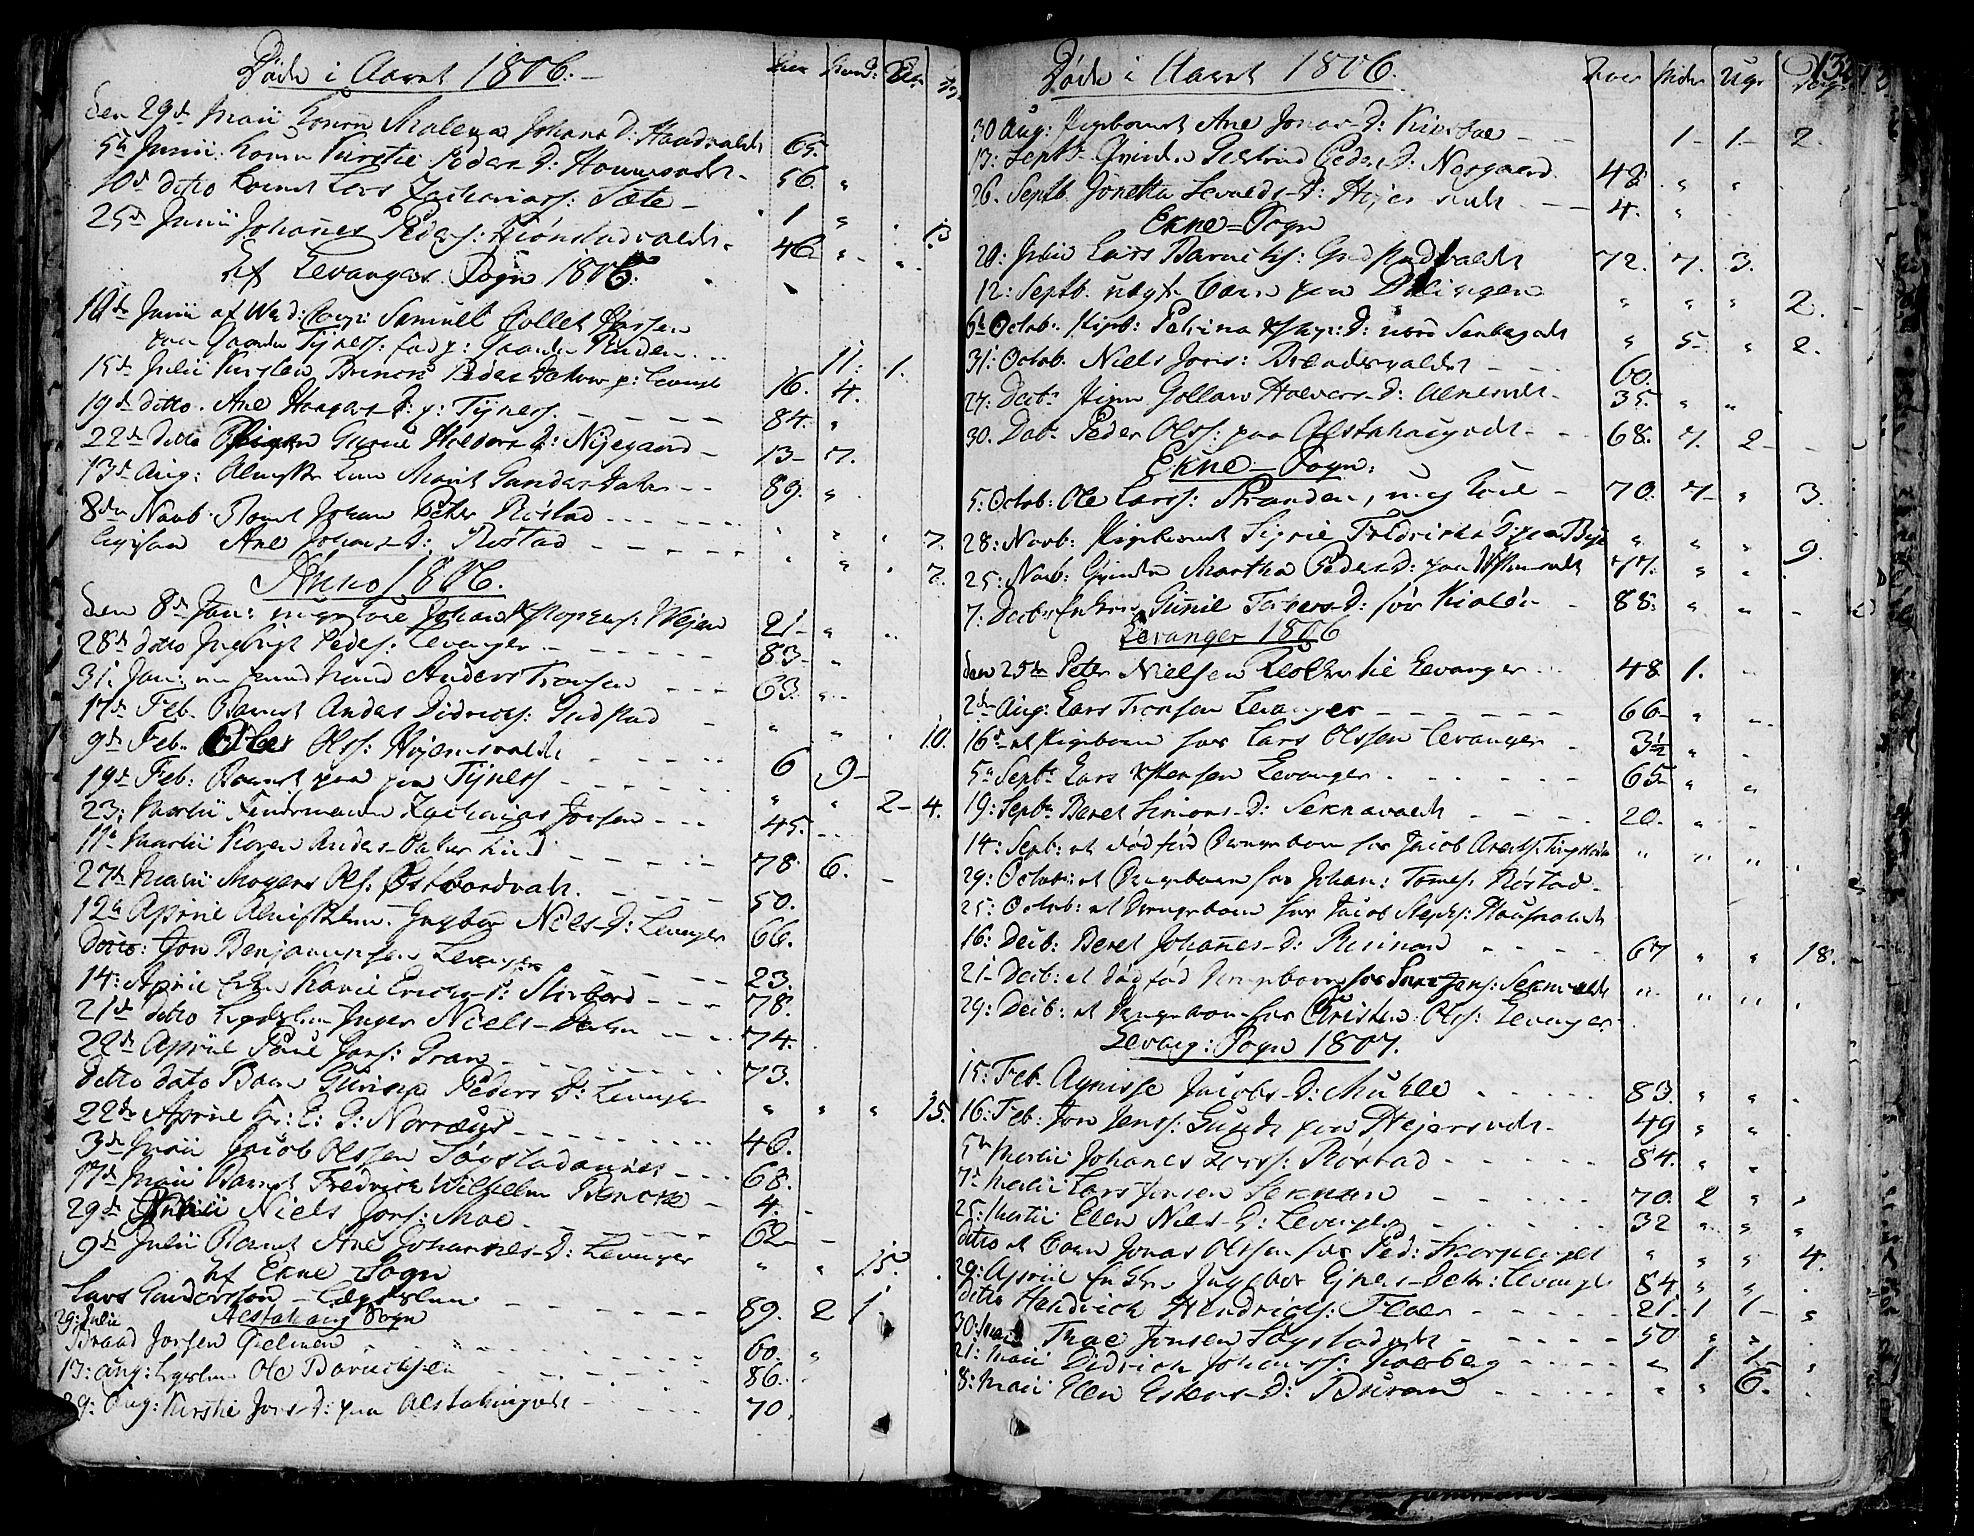 SAT, Ministerialprotokoller, klokkerbøker og fødselsregistre - Nord-Trøndelag, 717/L0142: Ministerialbok nr. 717A02 /1, 1783-1809, s. 132